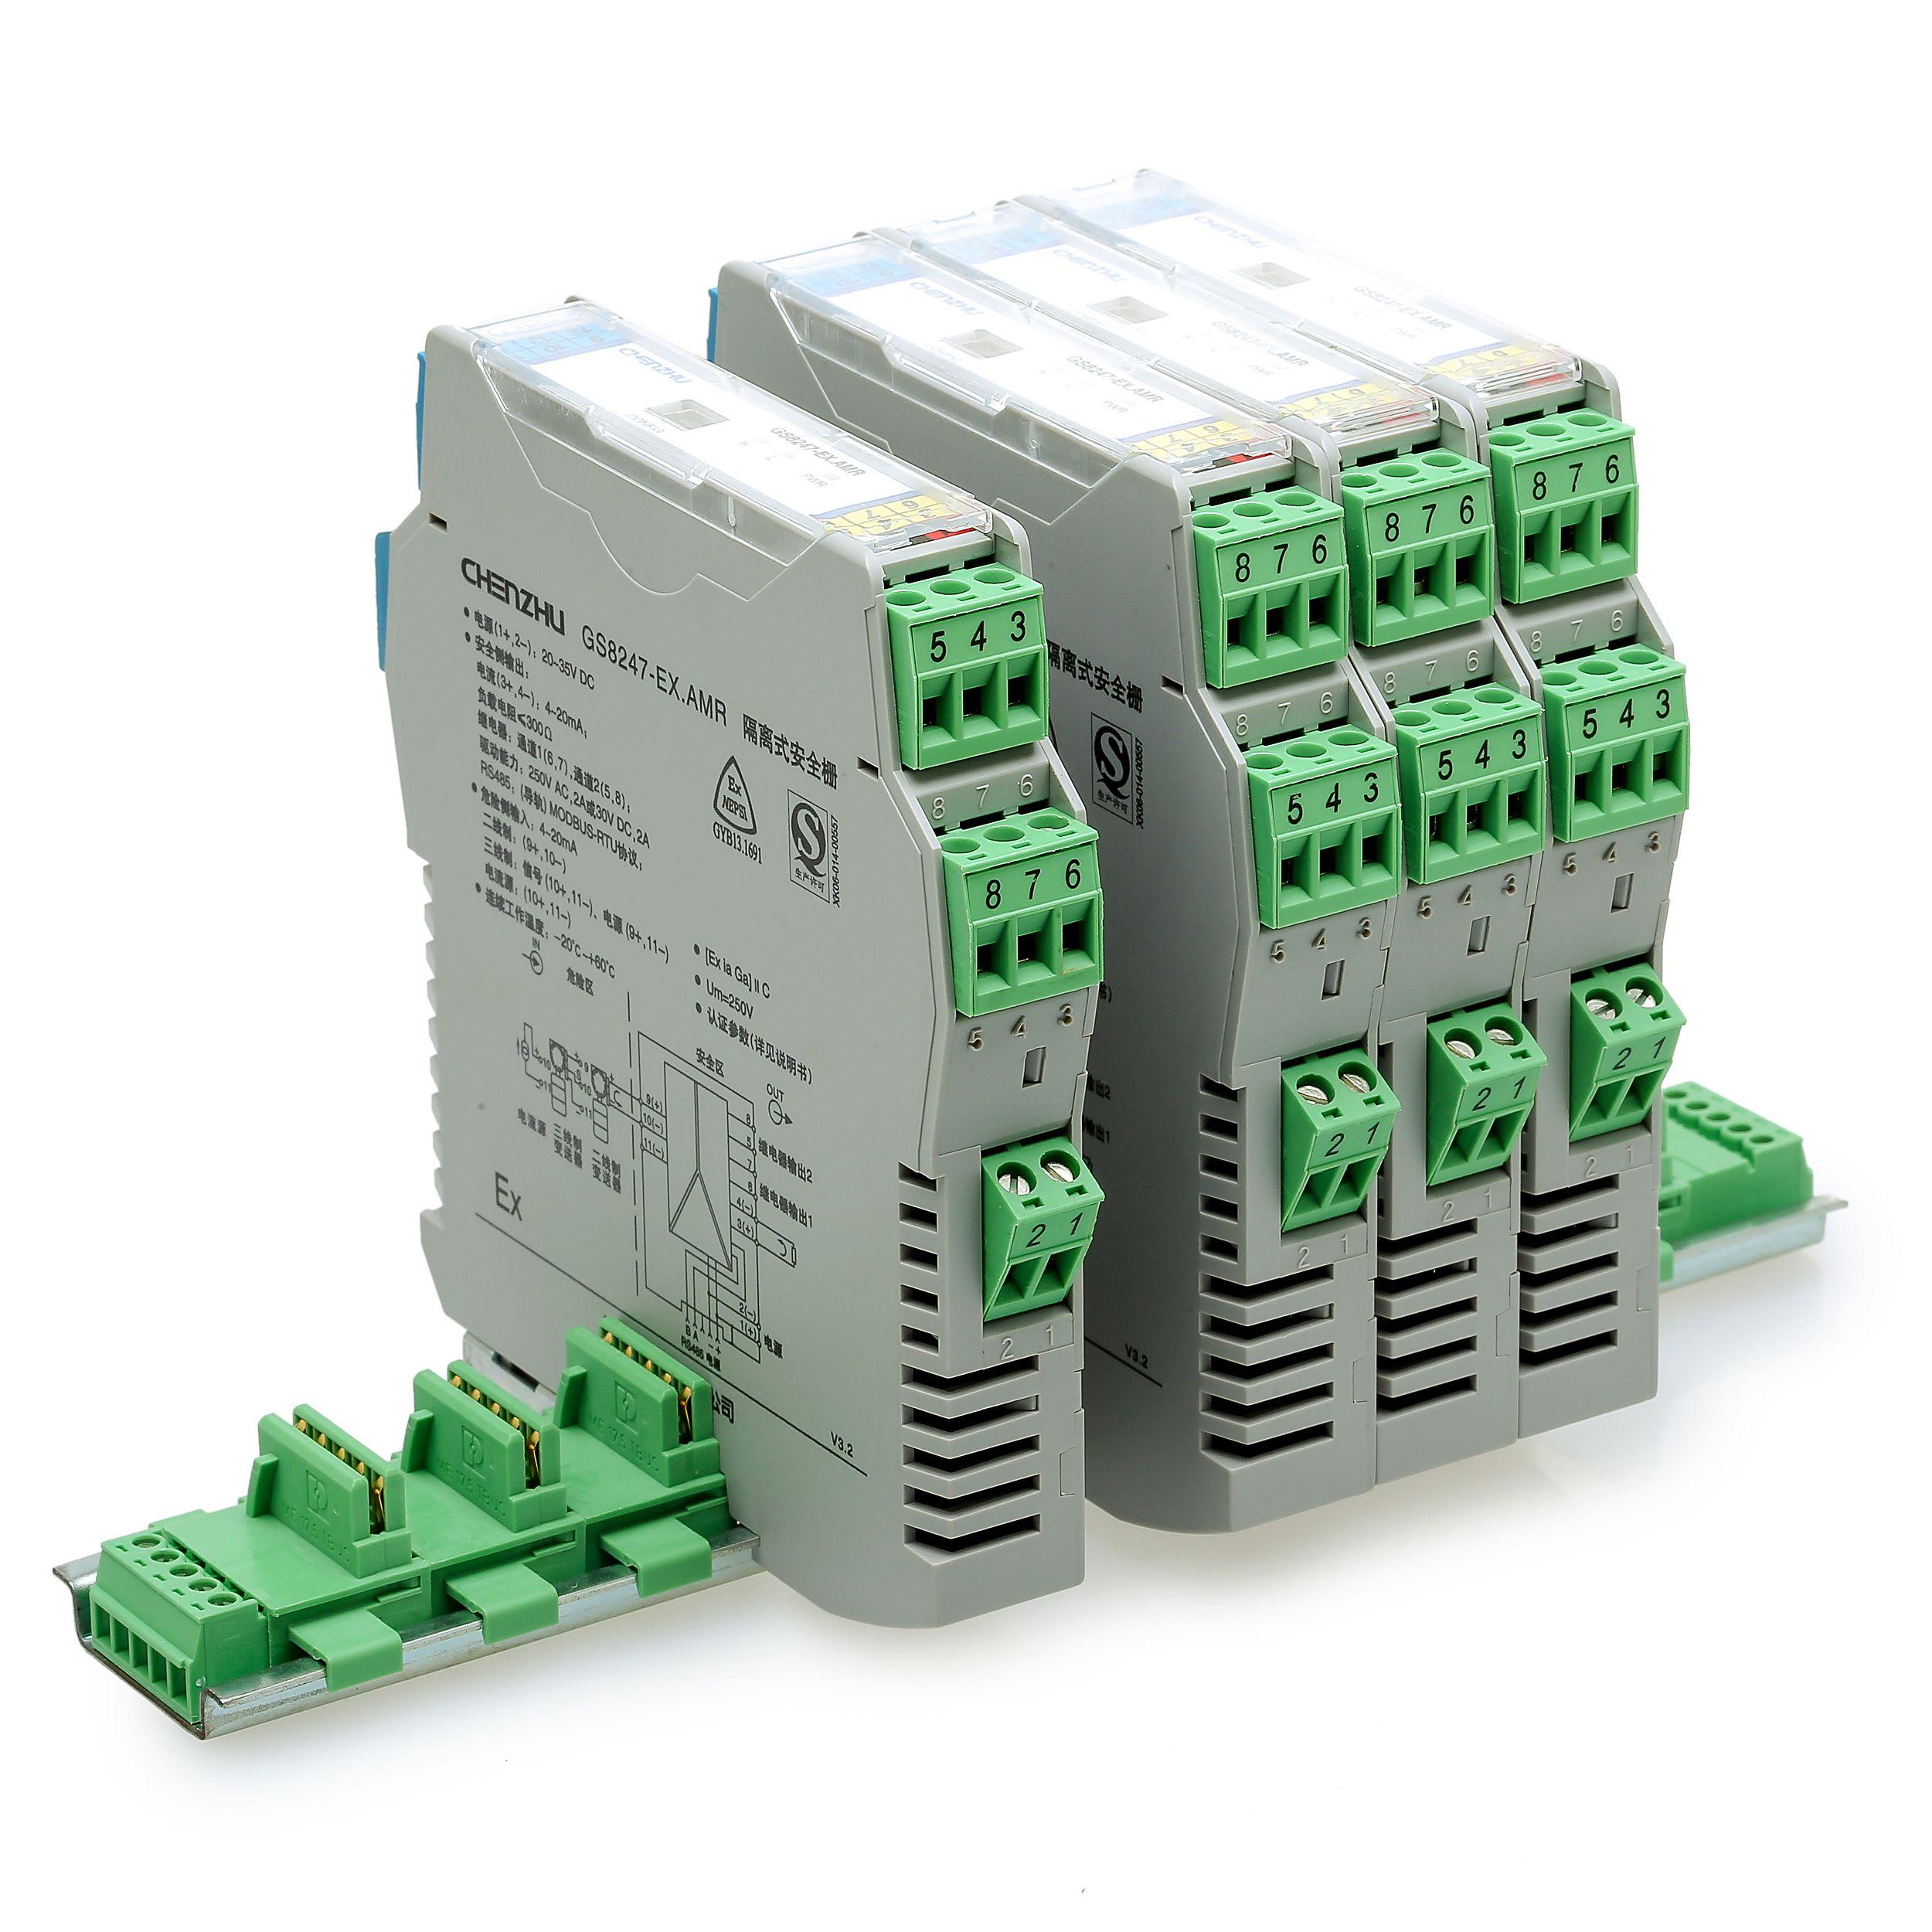 二进二出 模拟量输入、输出隔离式安全栅(回路供电)